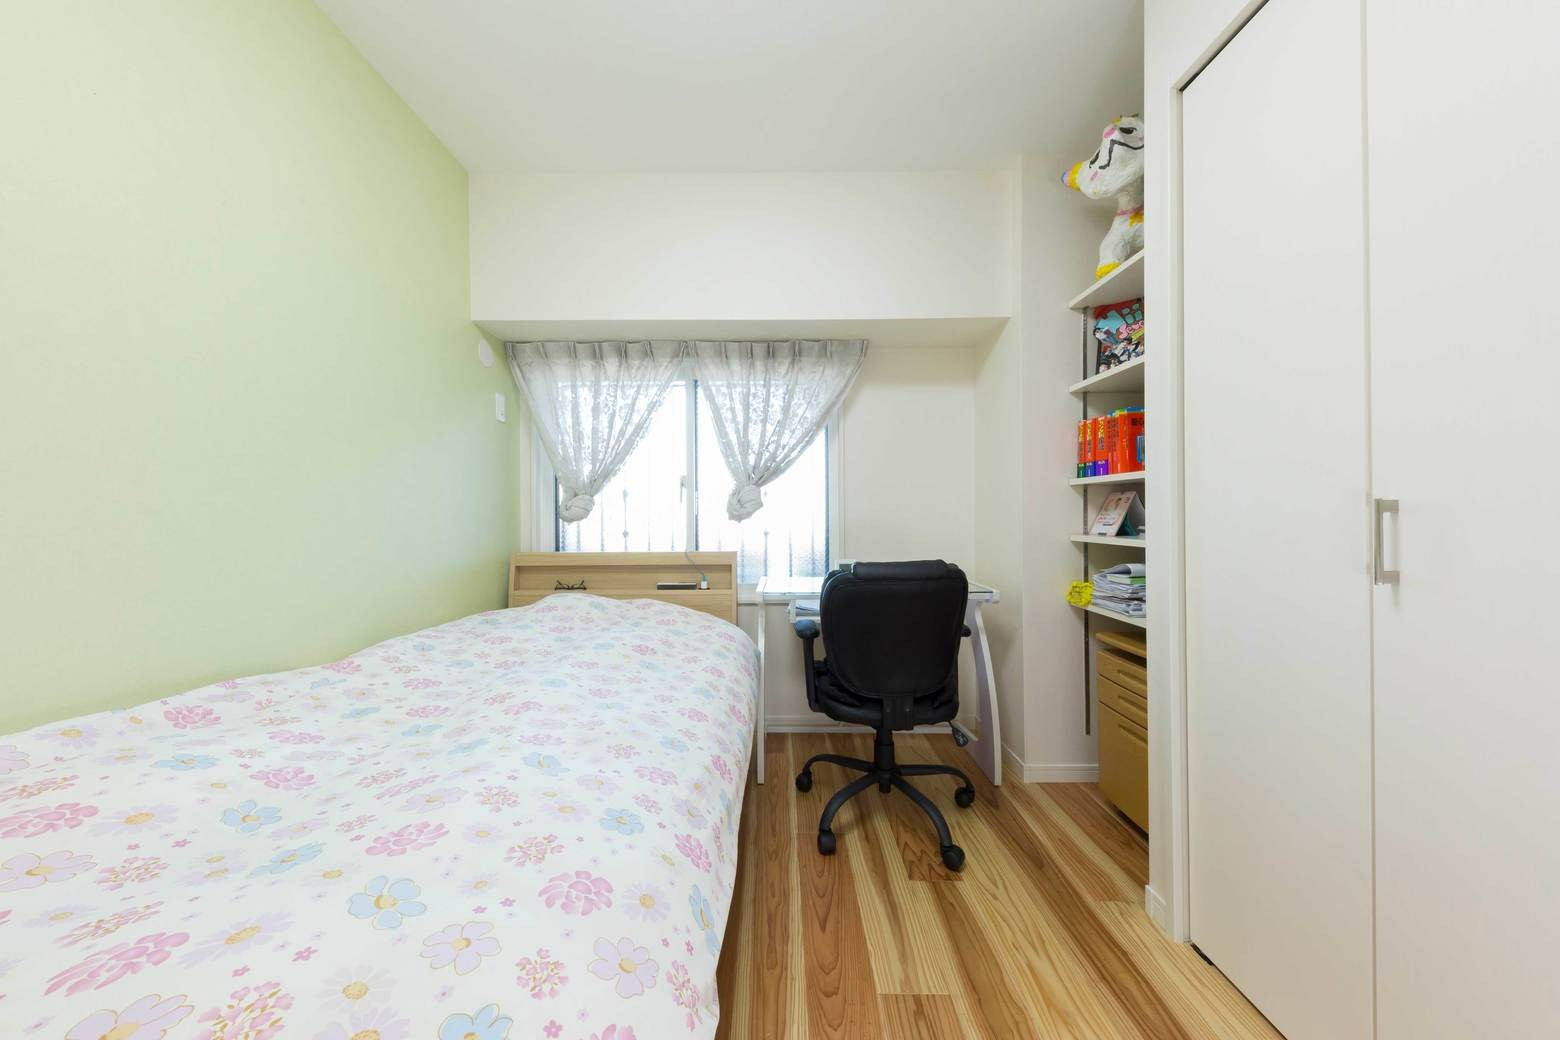 ベッドルーム事例:洋室1(すっきりした暮らしを実現。たっぷり収納リノベーション)